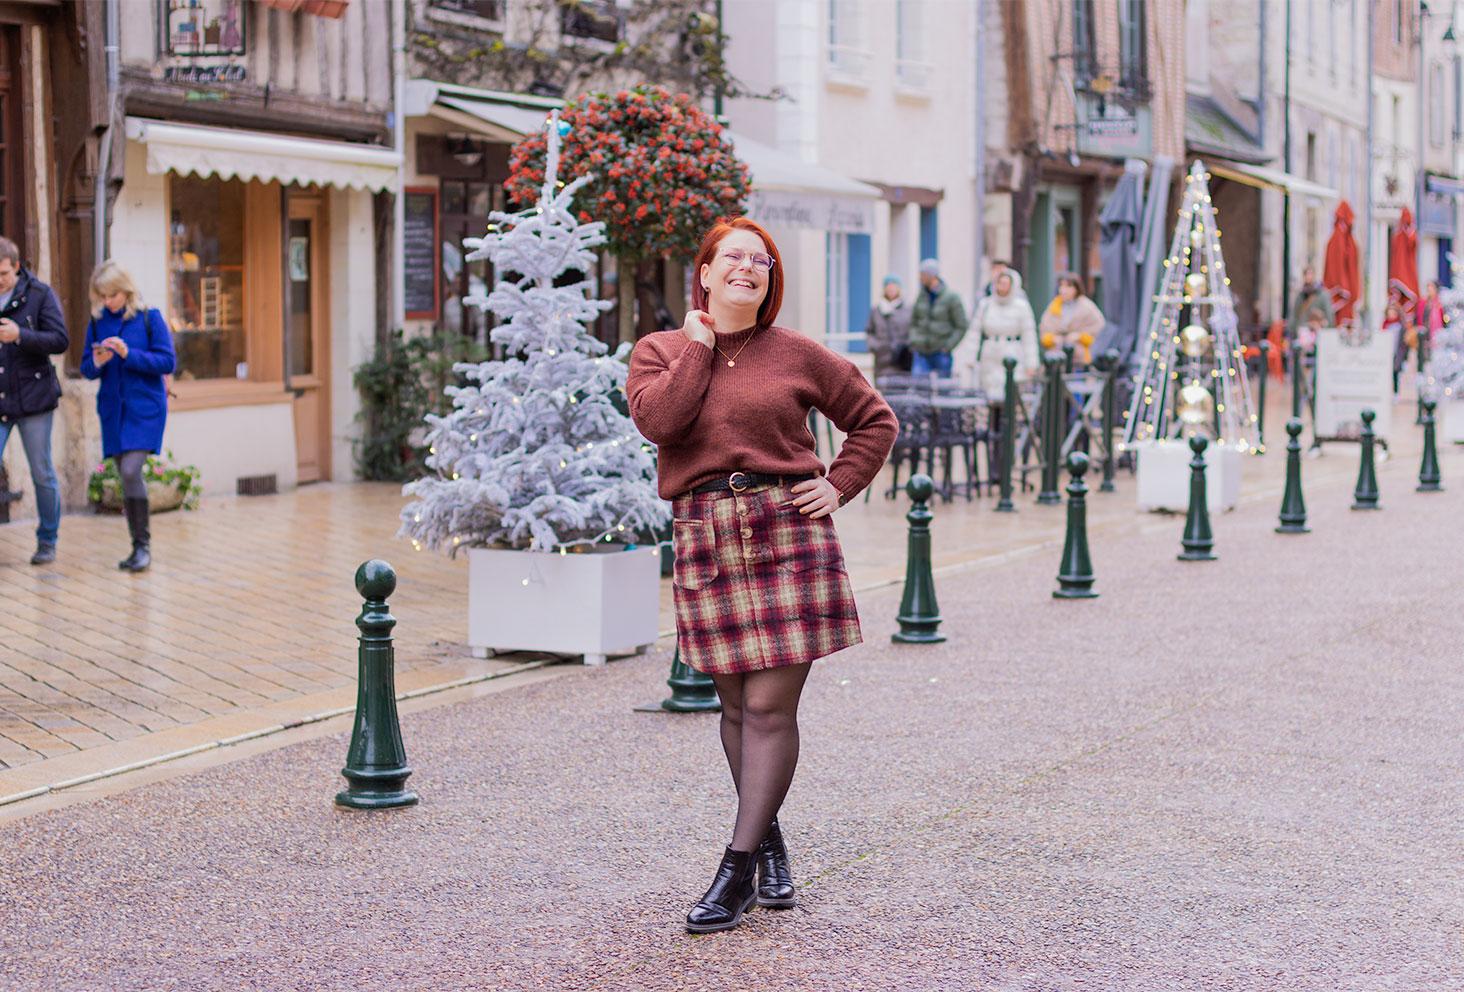 Look marron à Amboise pour la résolution de 2020, avec le sourire au milieu de la rue